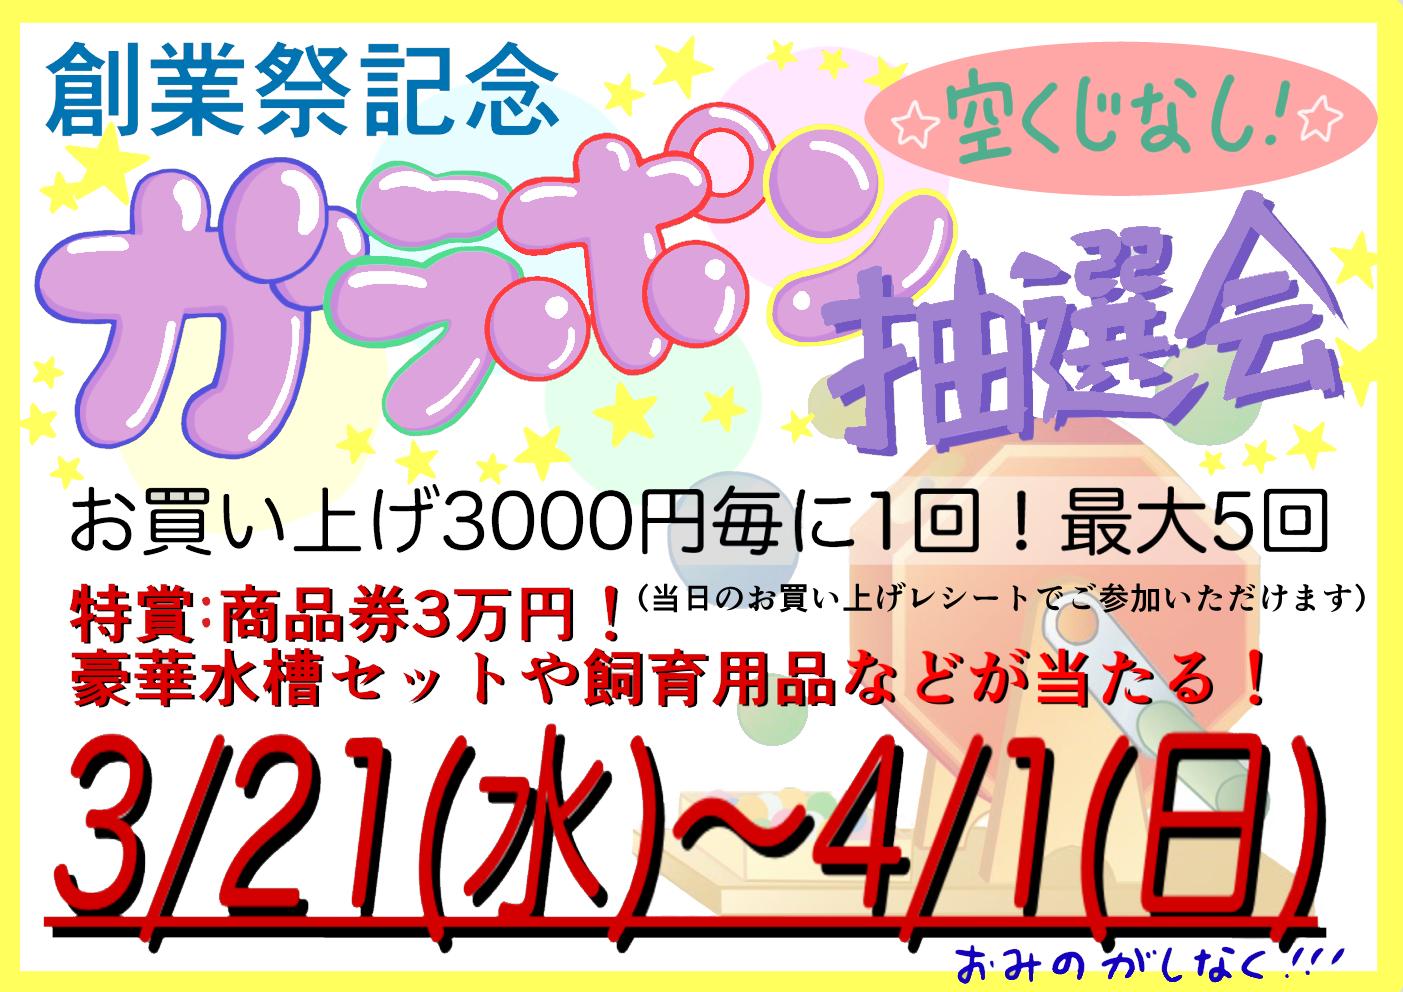 創業祭恒例!ガラポン! 3/21(水/祝)よりスタート!!